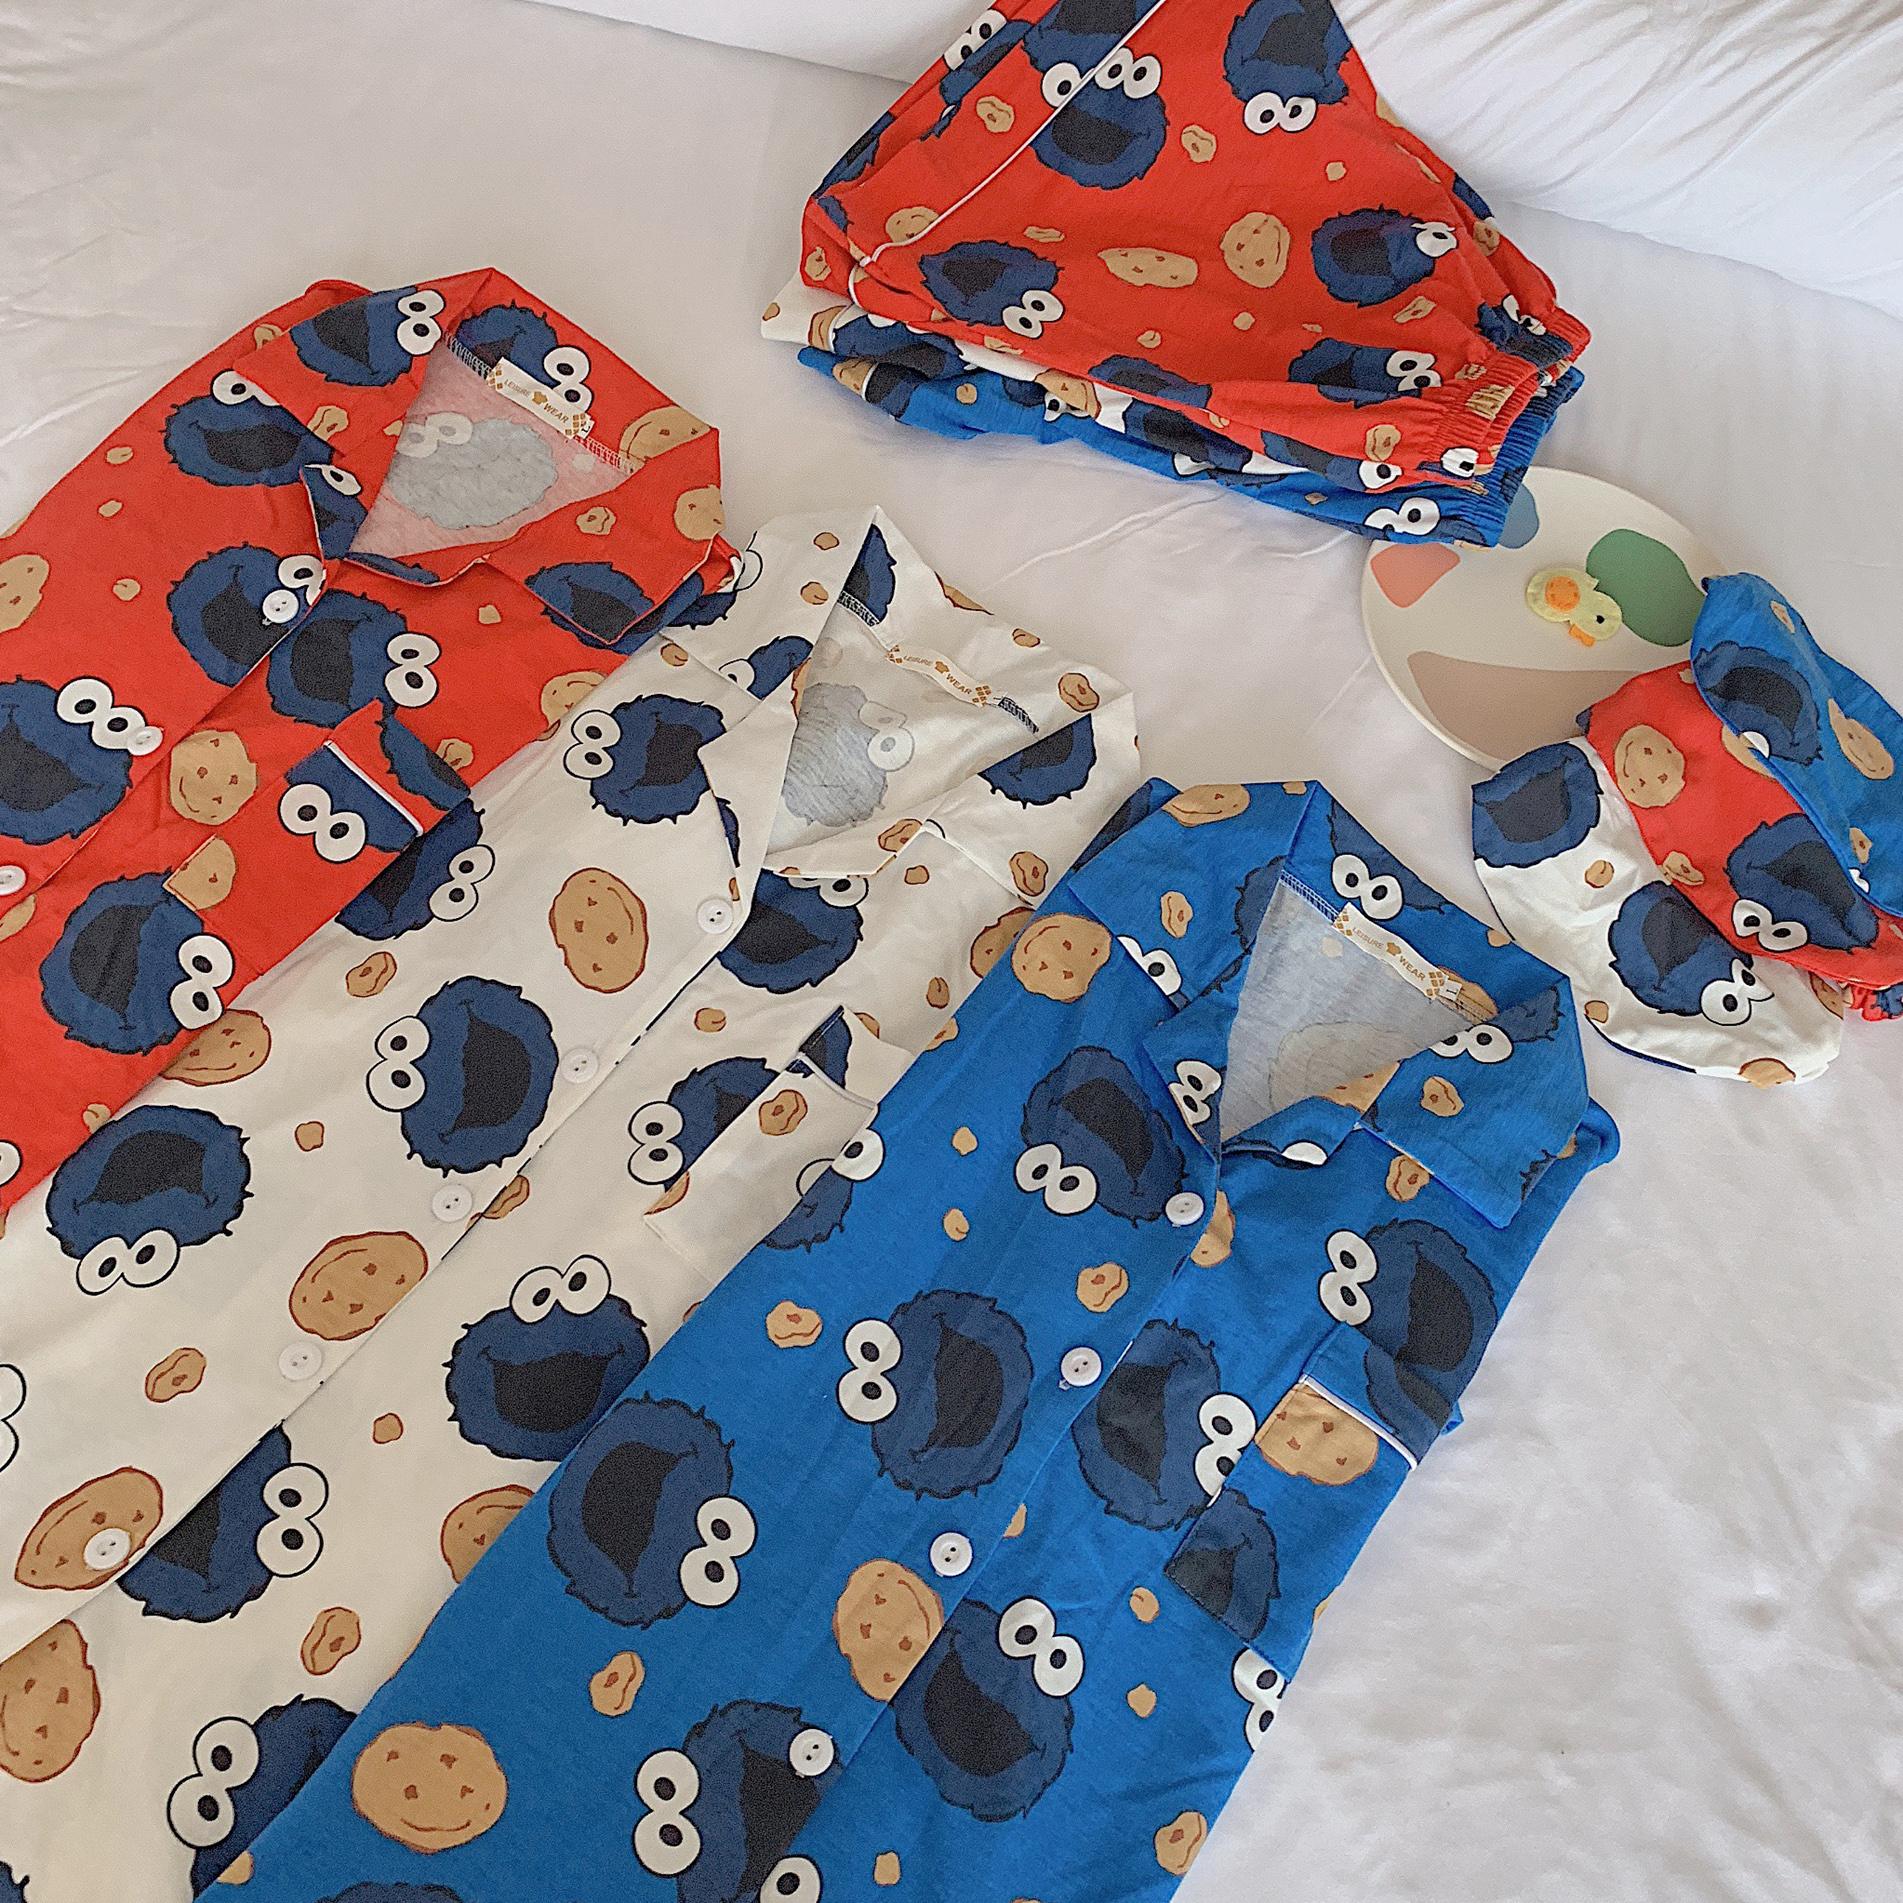 日系芝麻街夏睡衣网红学生格子面包超人男女ins卡通短袖短裤纯棉